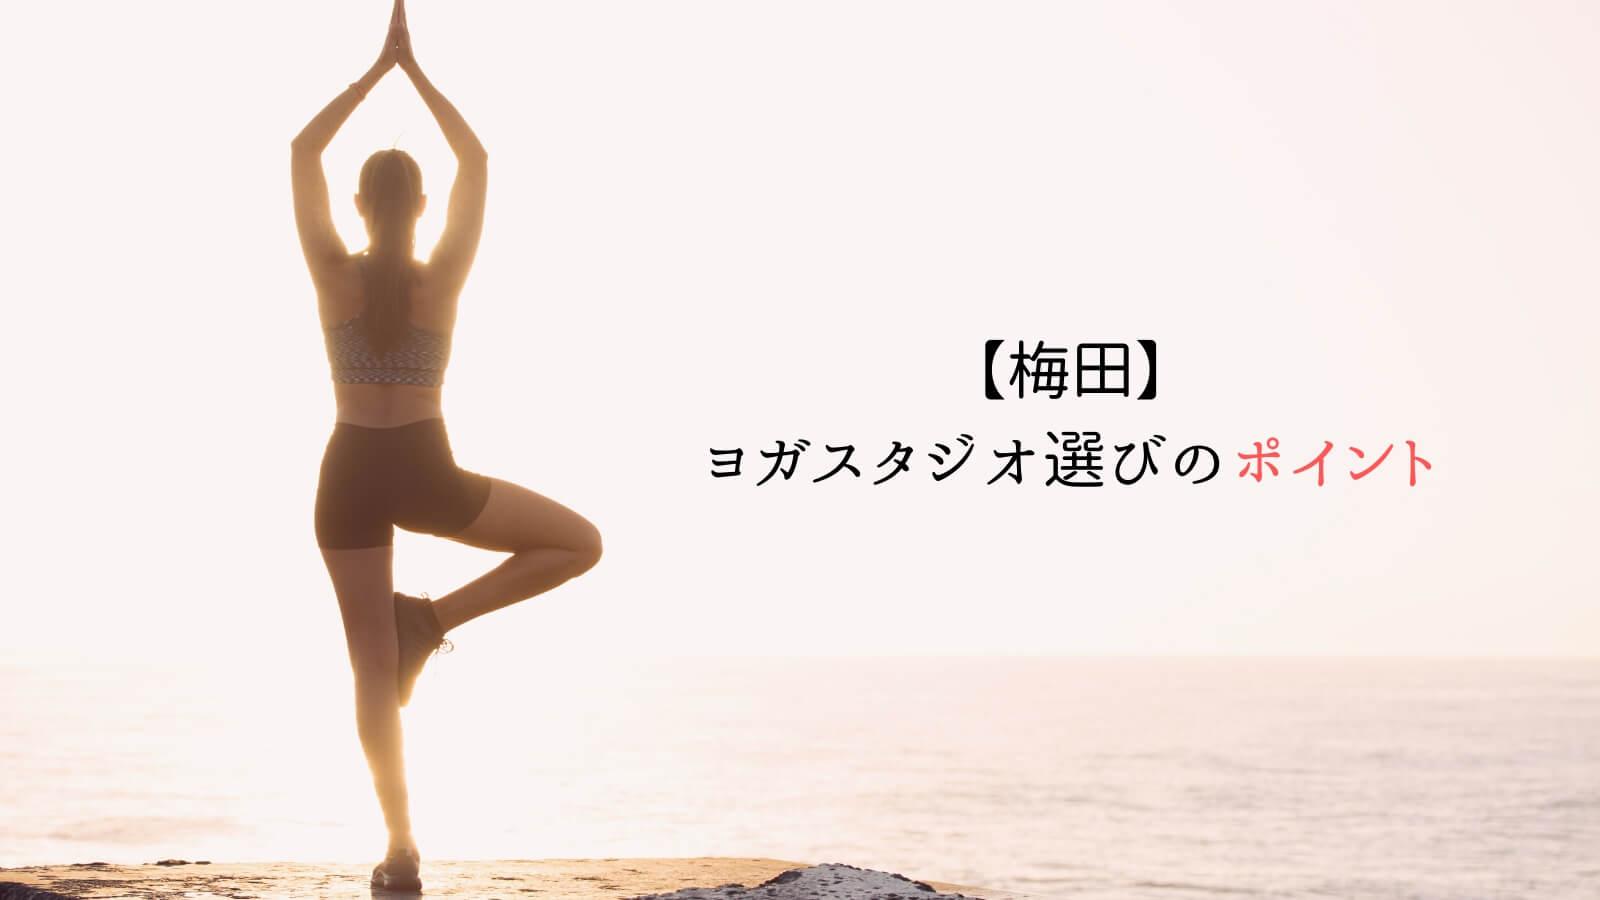 梅田のヨガスタジオ選びのポイント